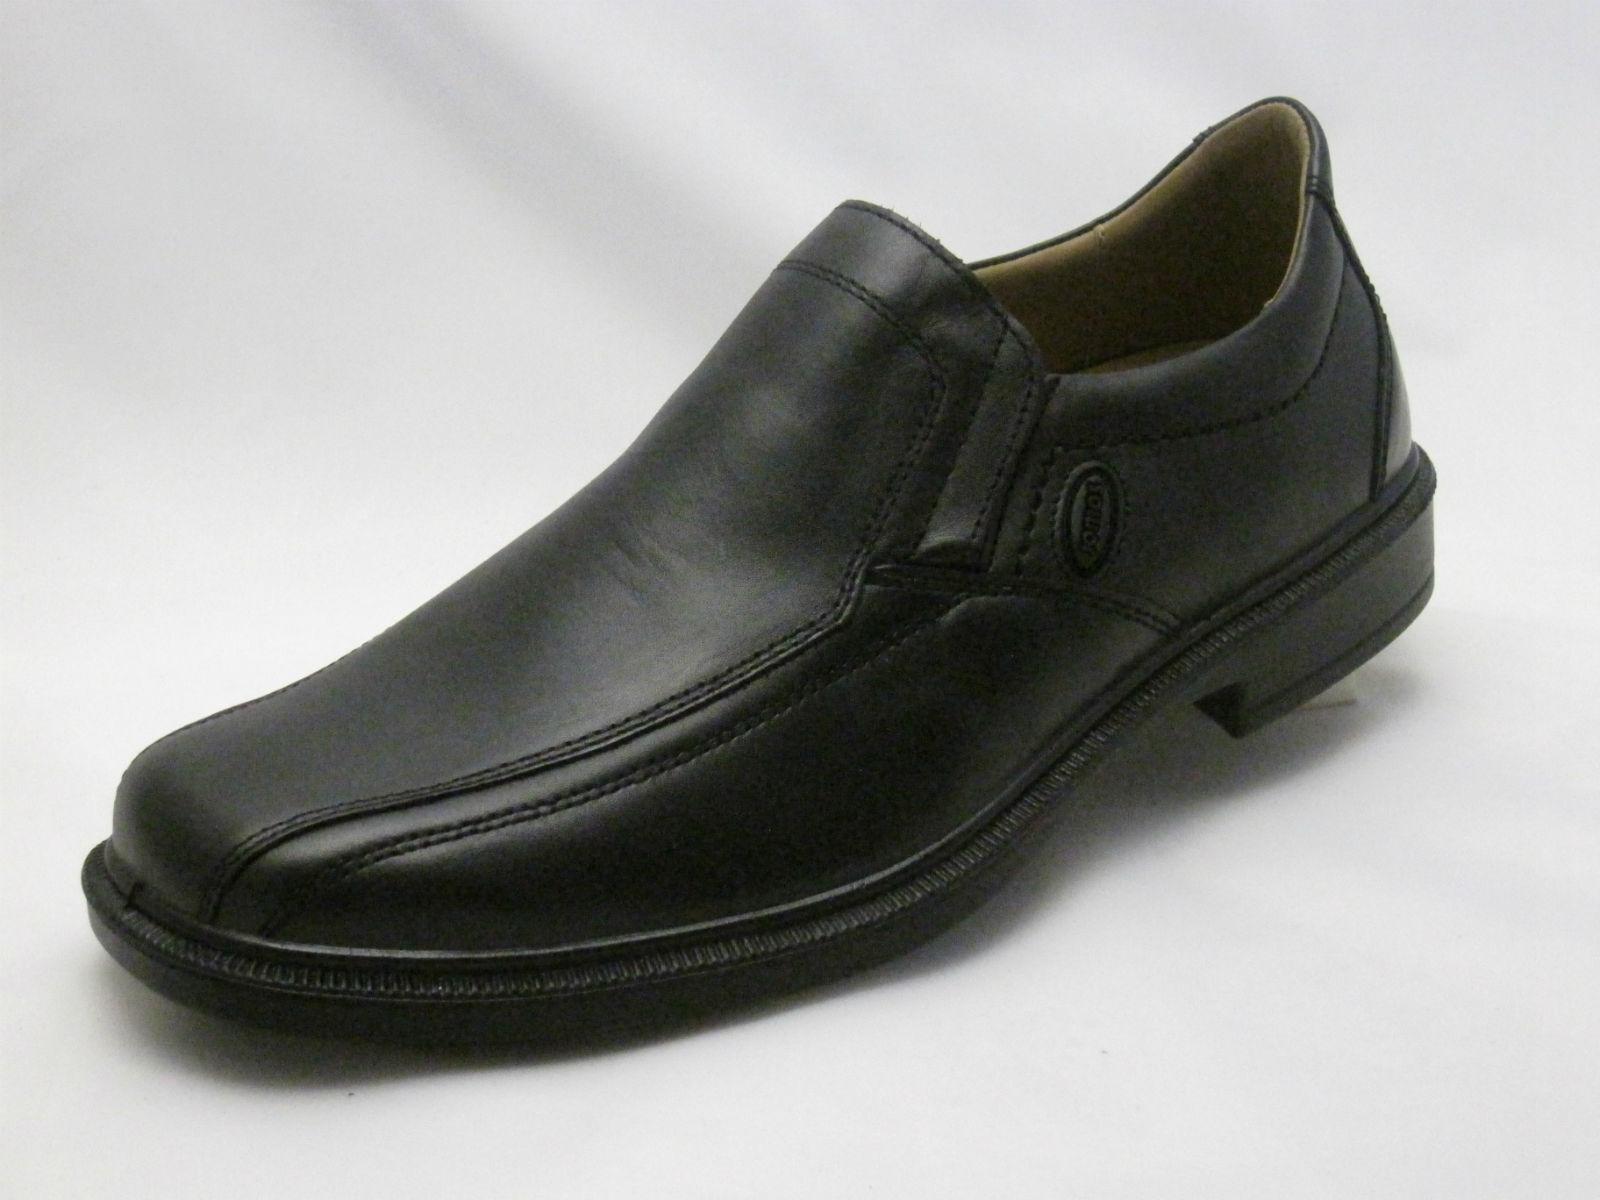 Jomos eleganter Slipper, schwarz Leder, Luftpolster, Weite H